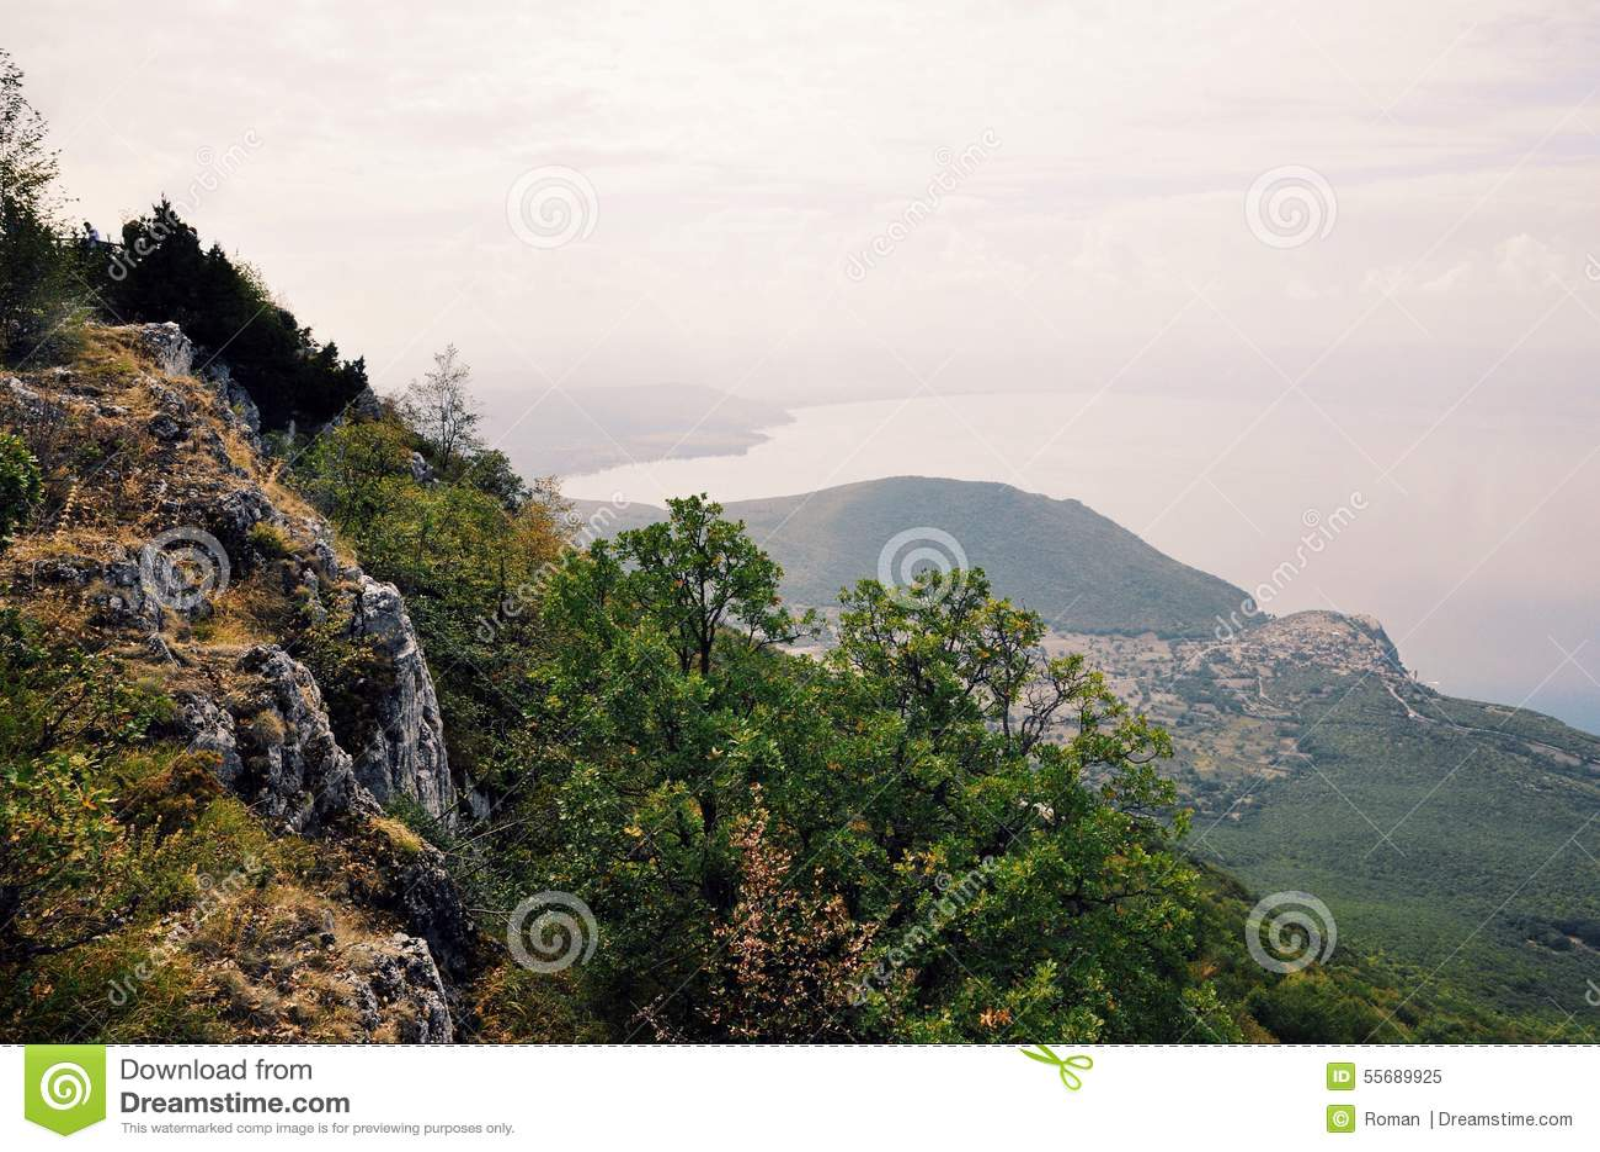 macedonian landscape - photo #44